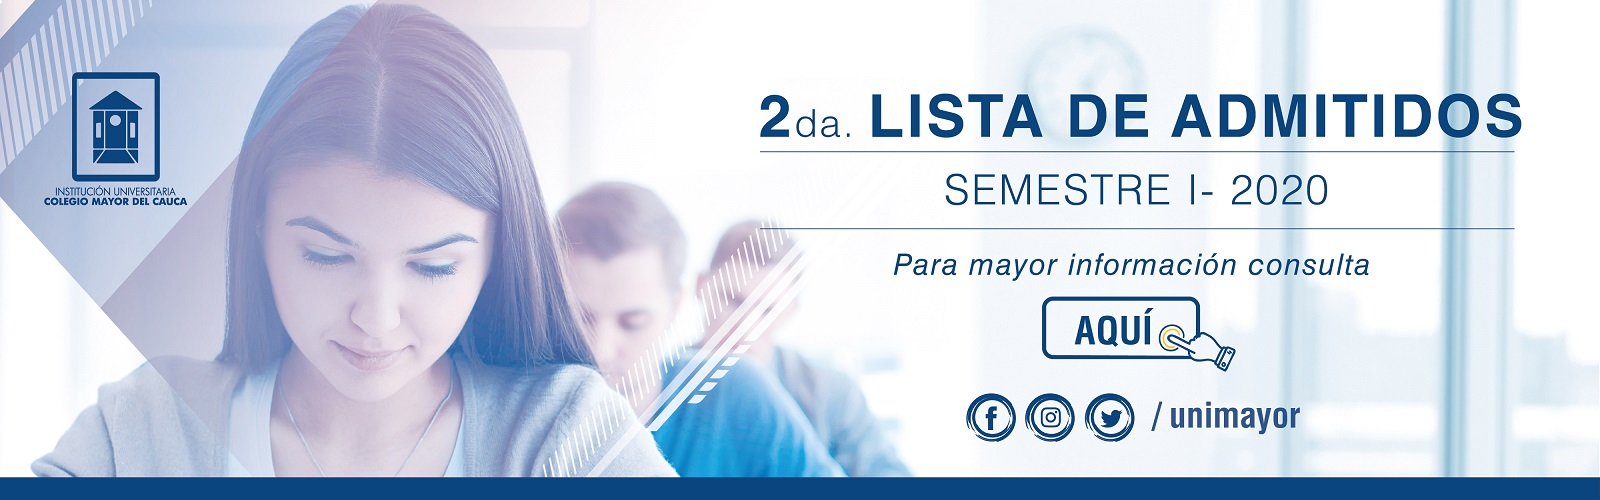 Banner_Segunda_Lista_de_Admitidos